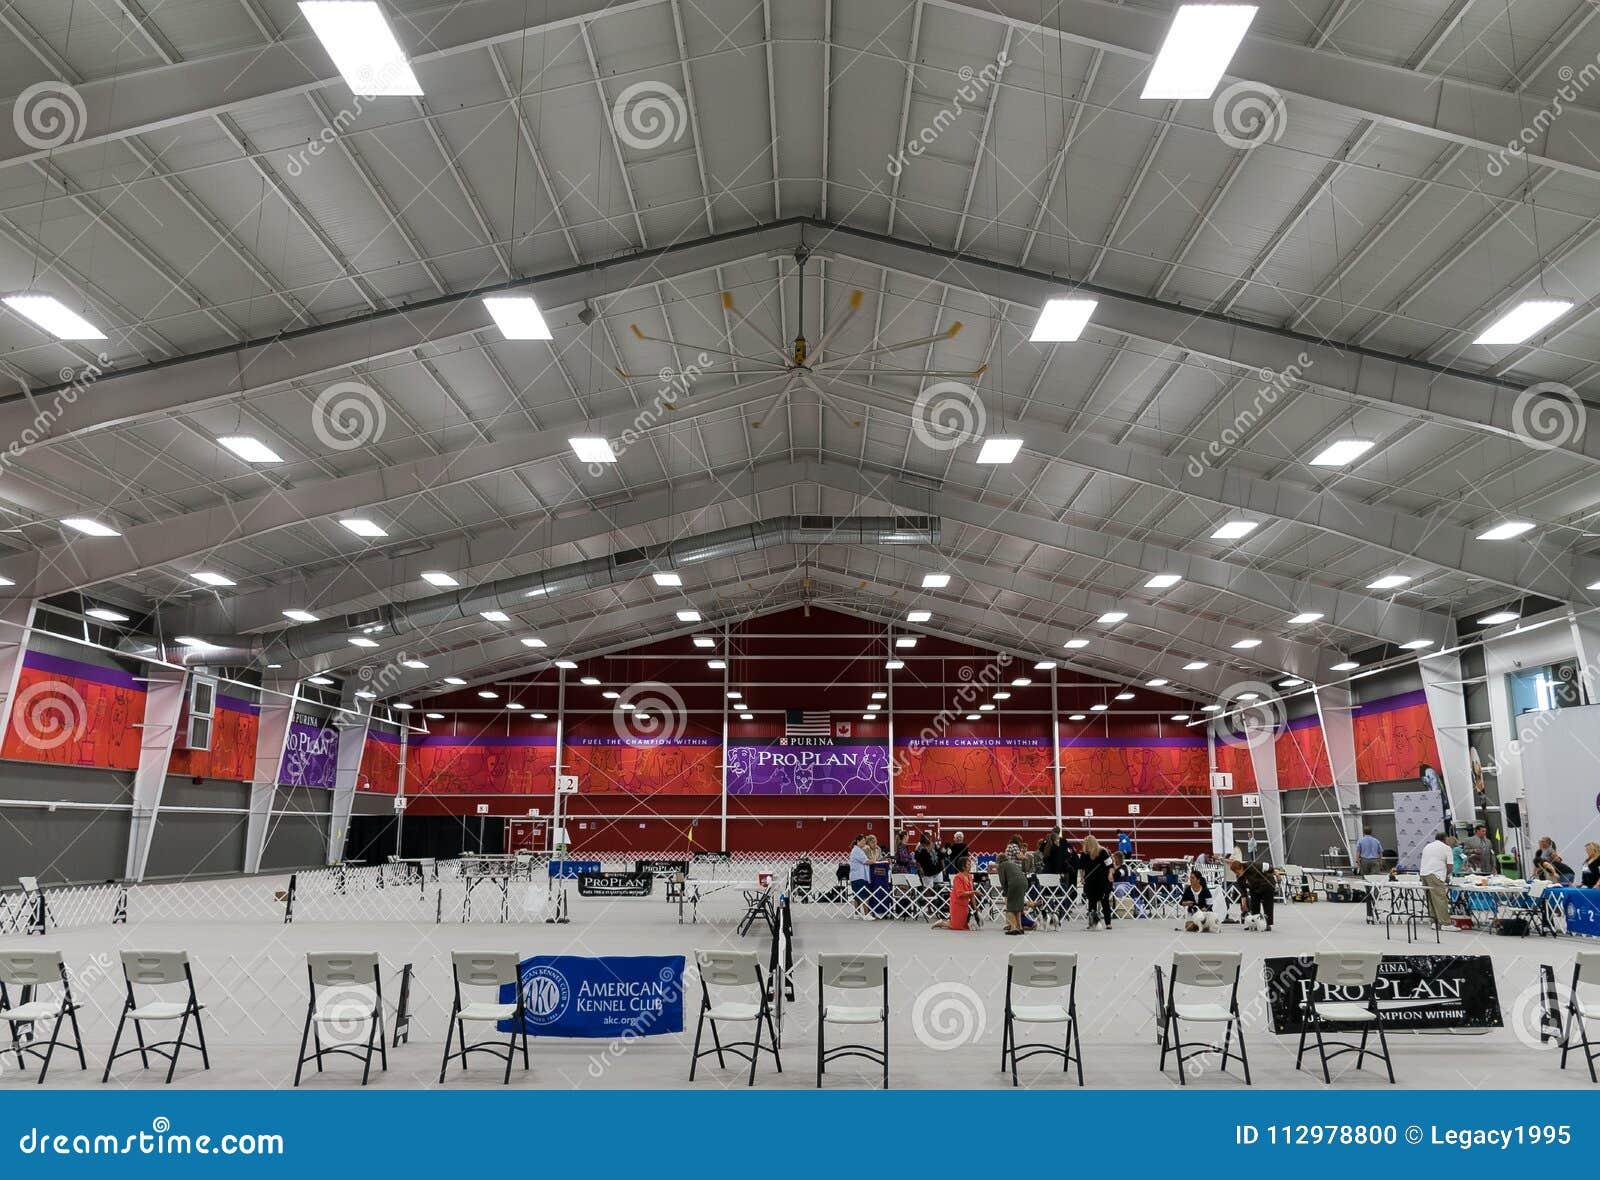 Purina Event Center Interior